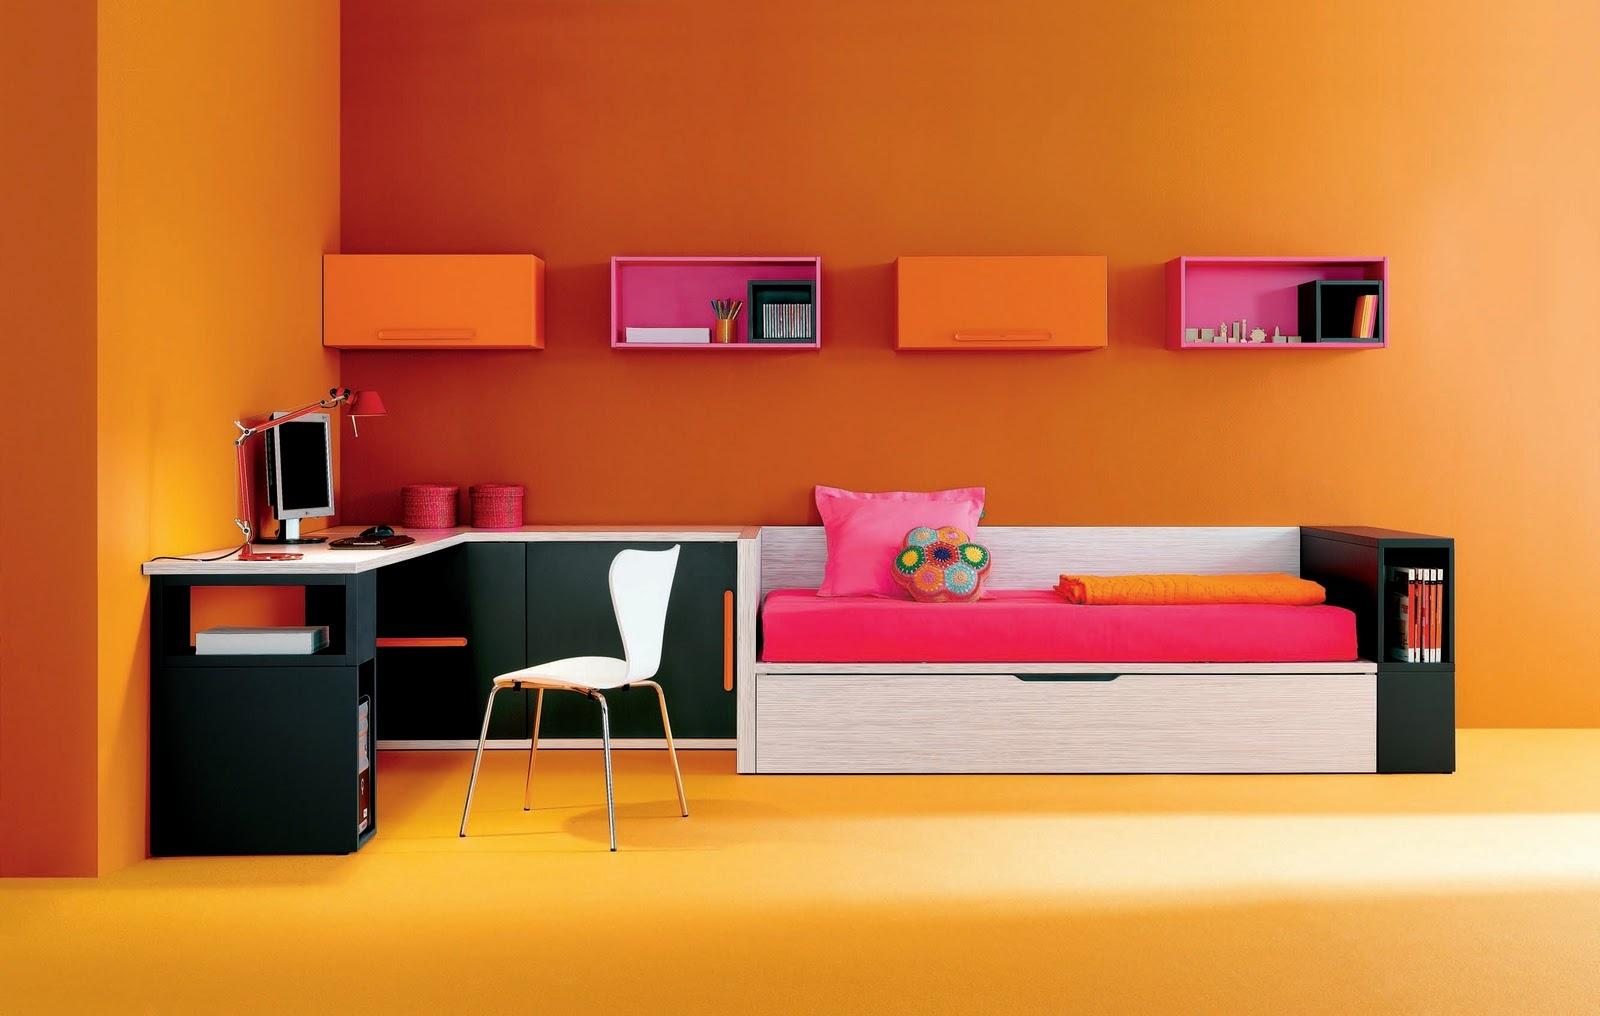 Kids Room In 2019 Trend Color - Teen bedroom room ideas # 4